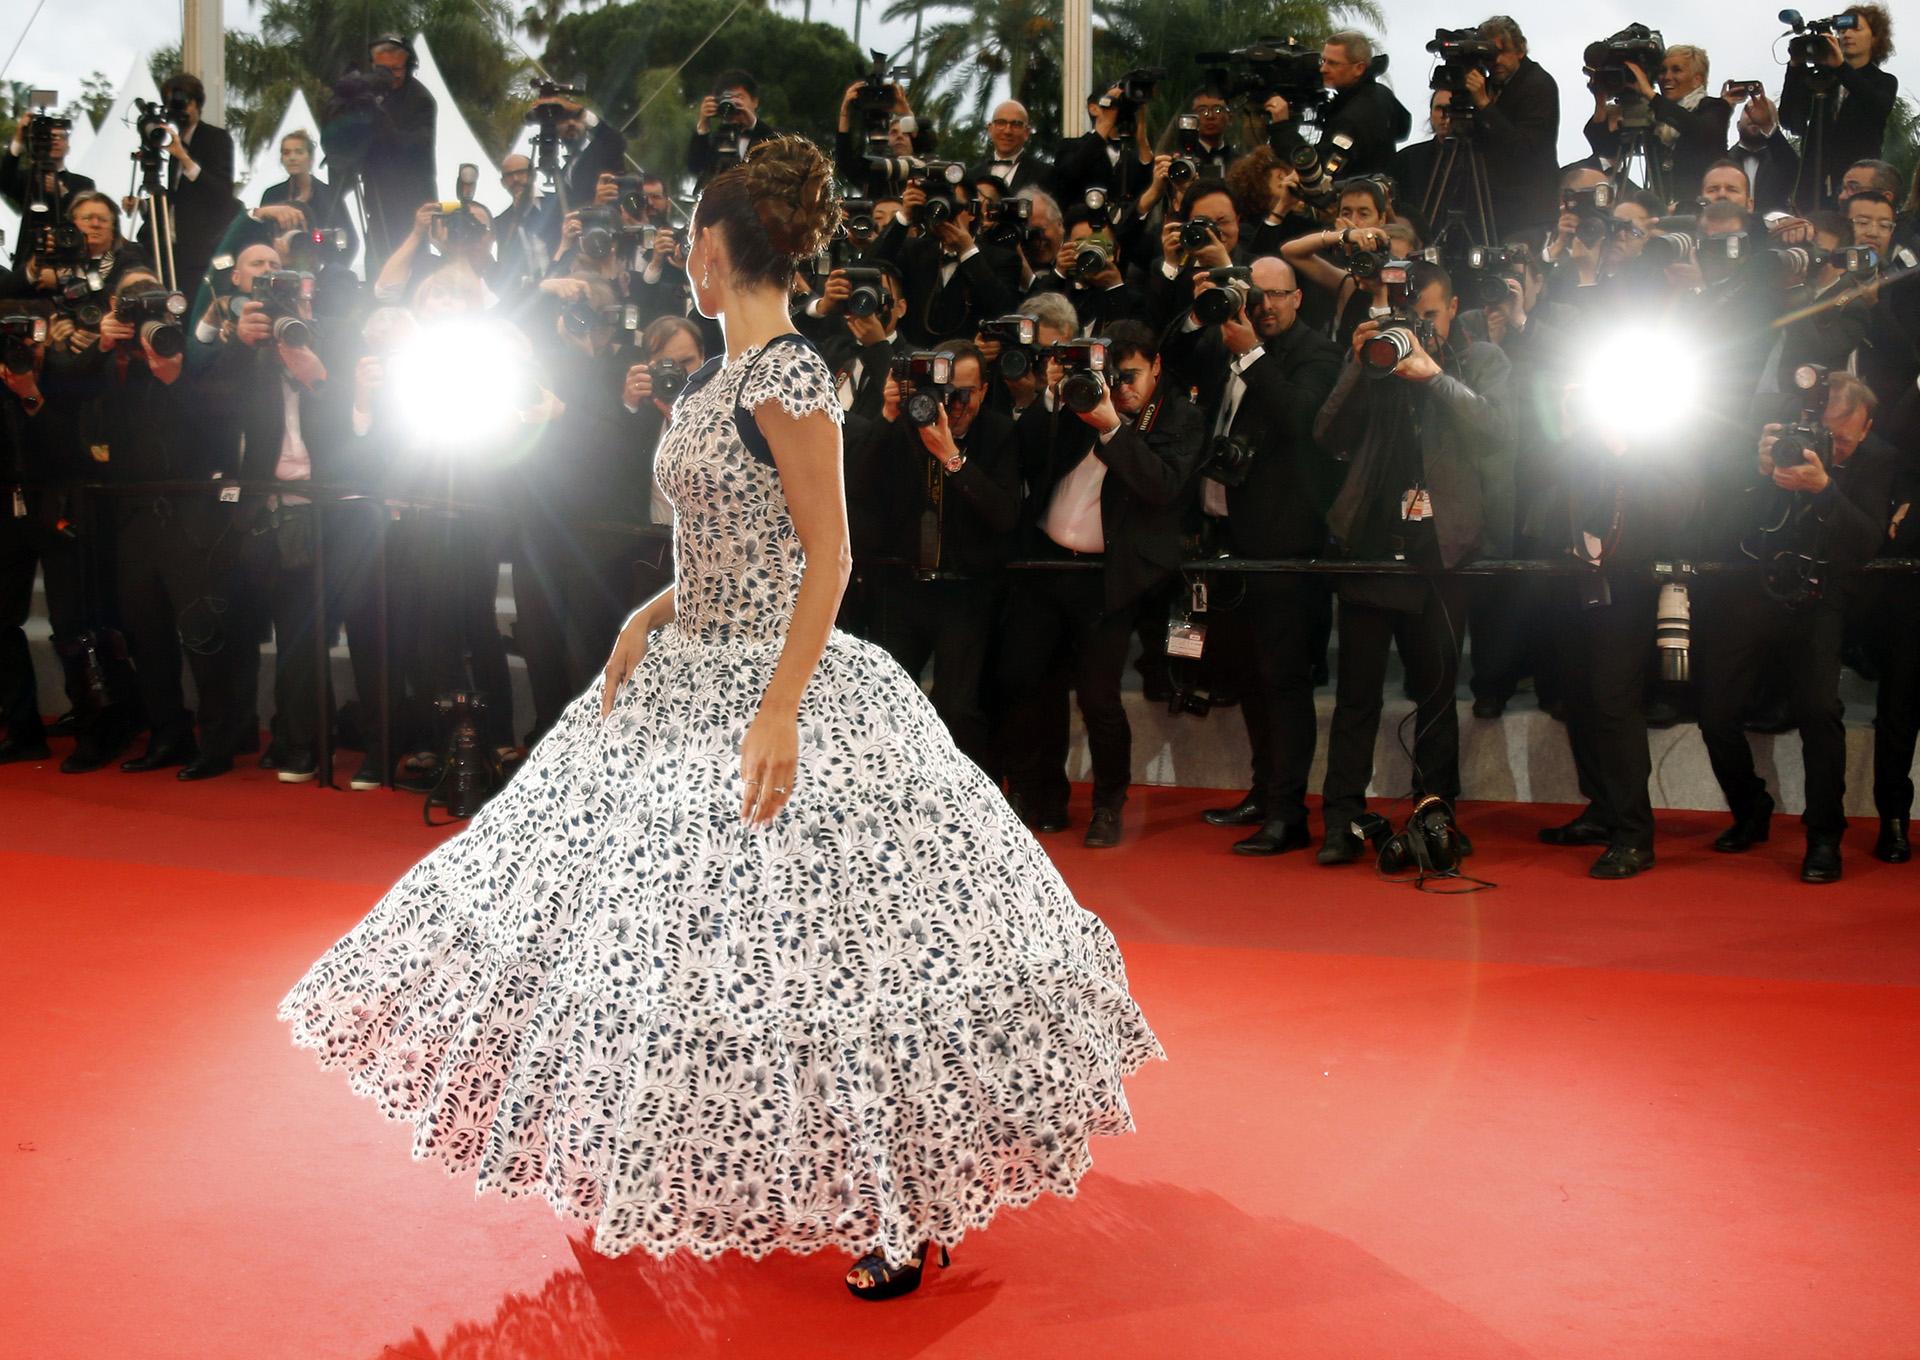 La actriz cautivó con este vestido de encaje, diseñado especialmente por la casa Chanel